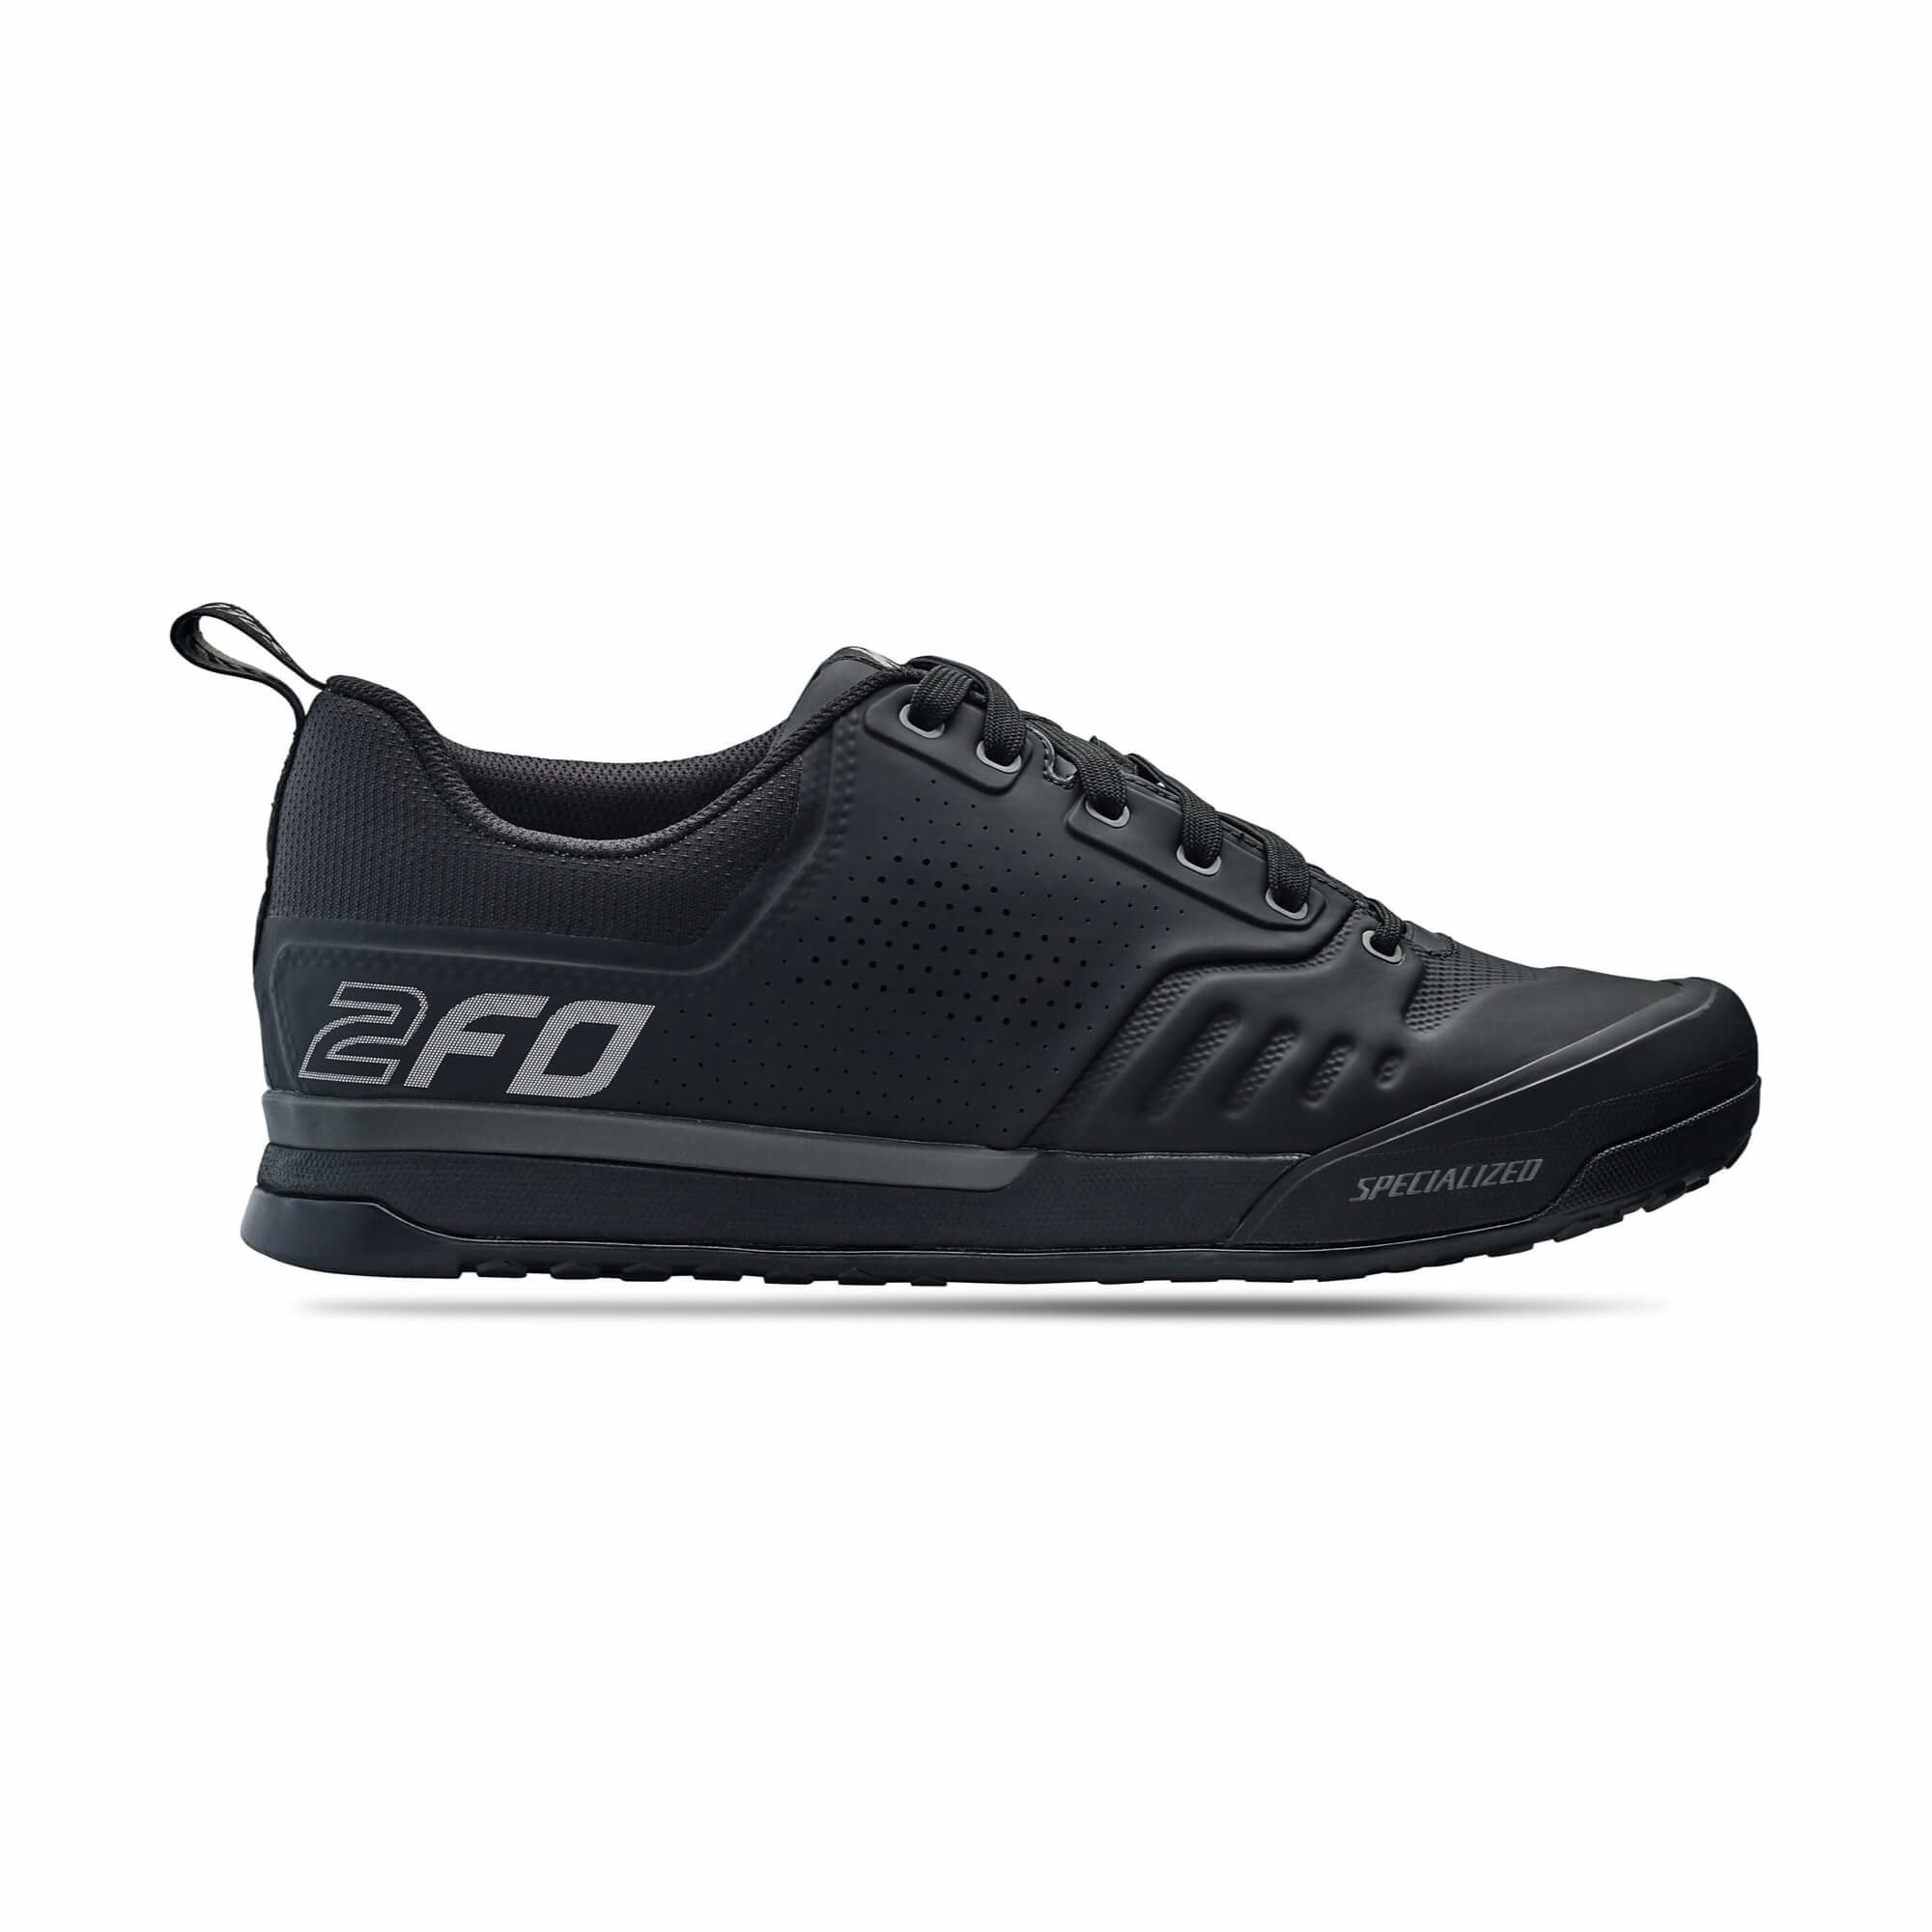 2FO Flat 2.0 MTB Shoe-11